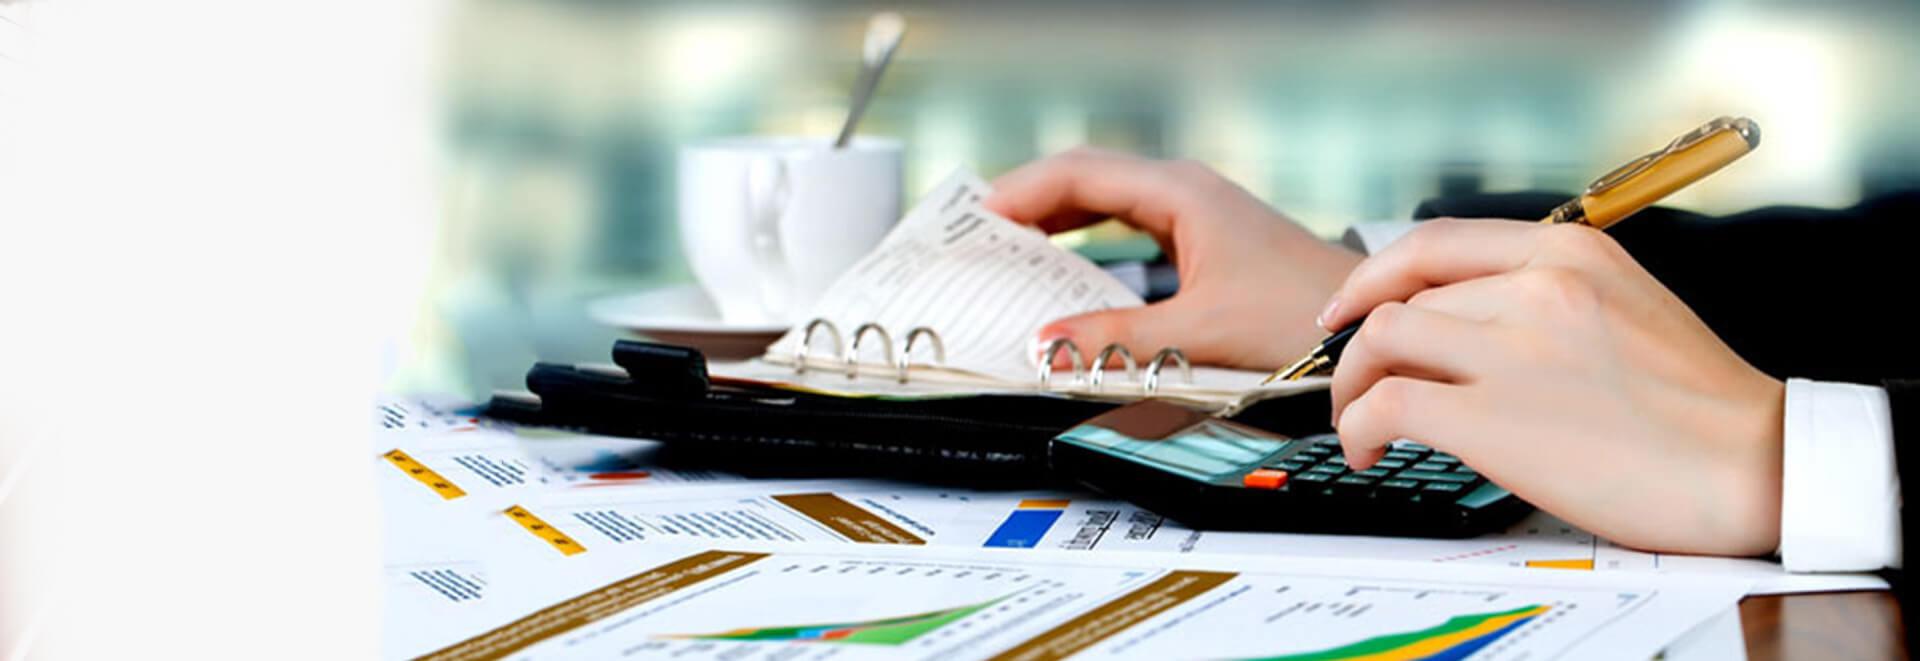 انجام  امور حسابداری